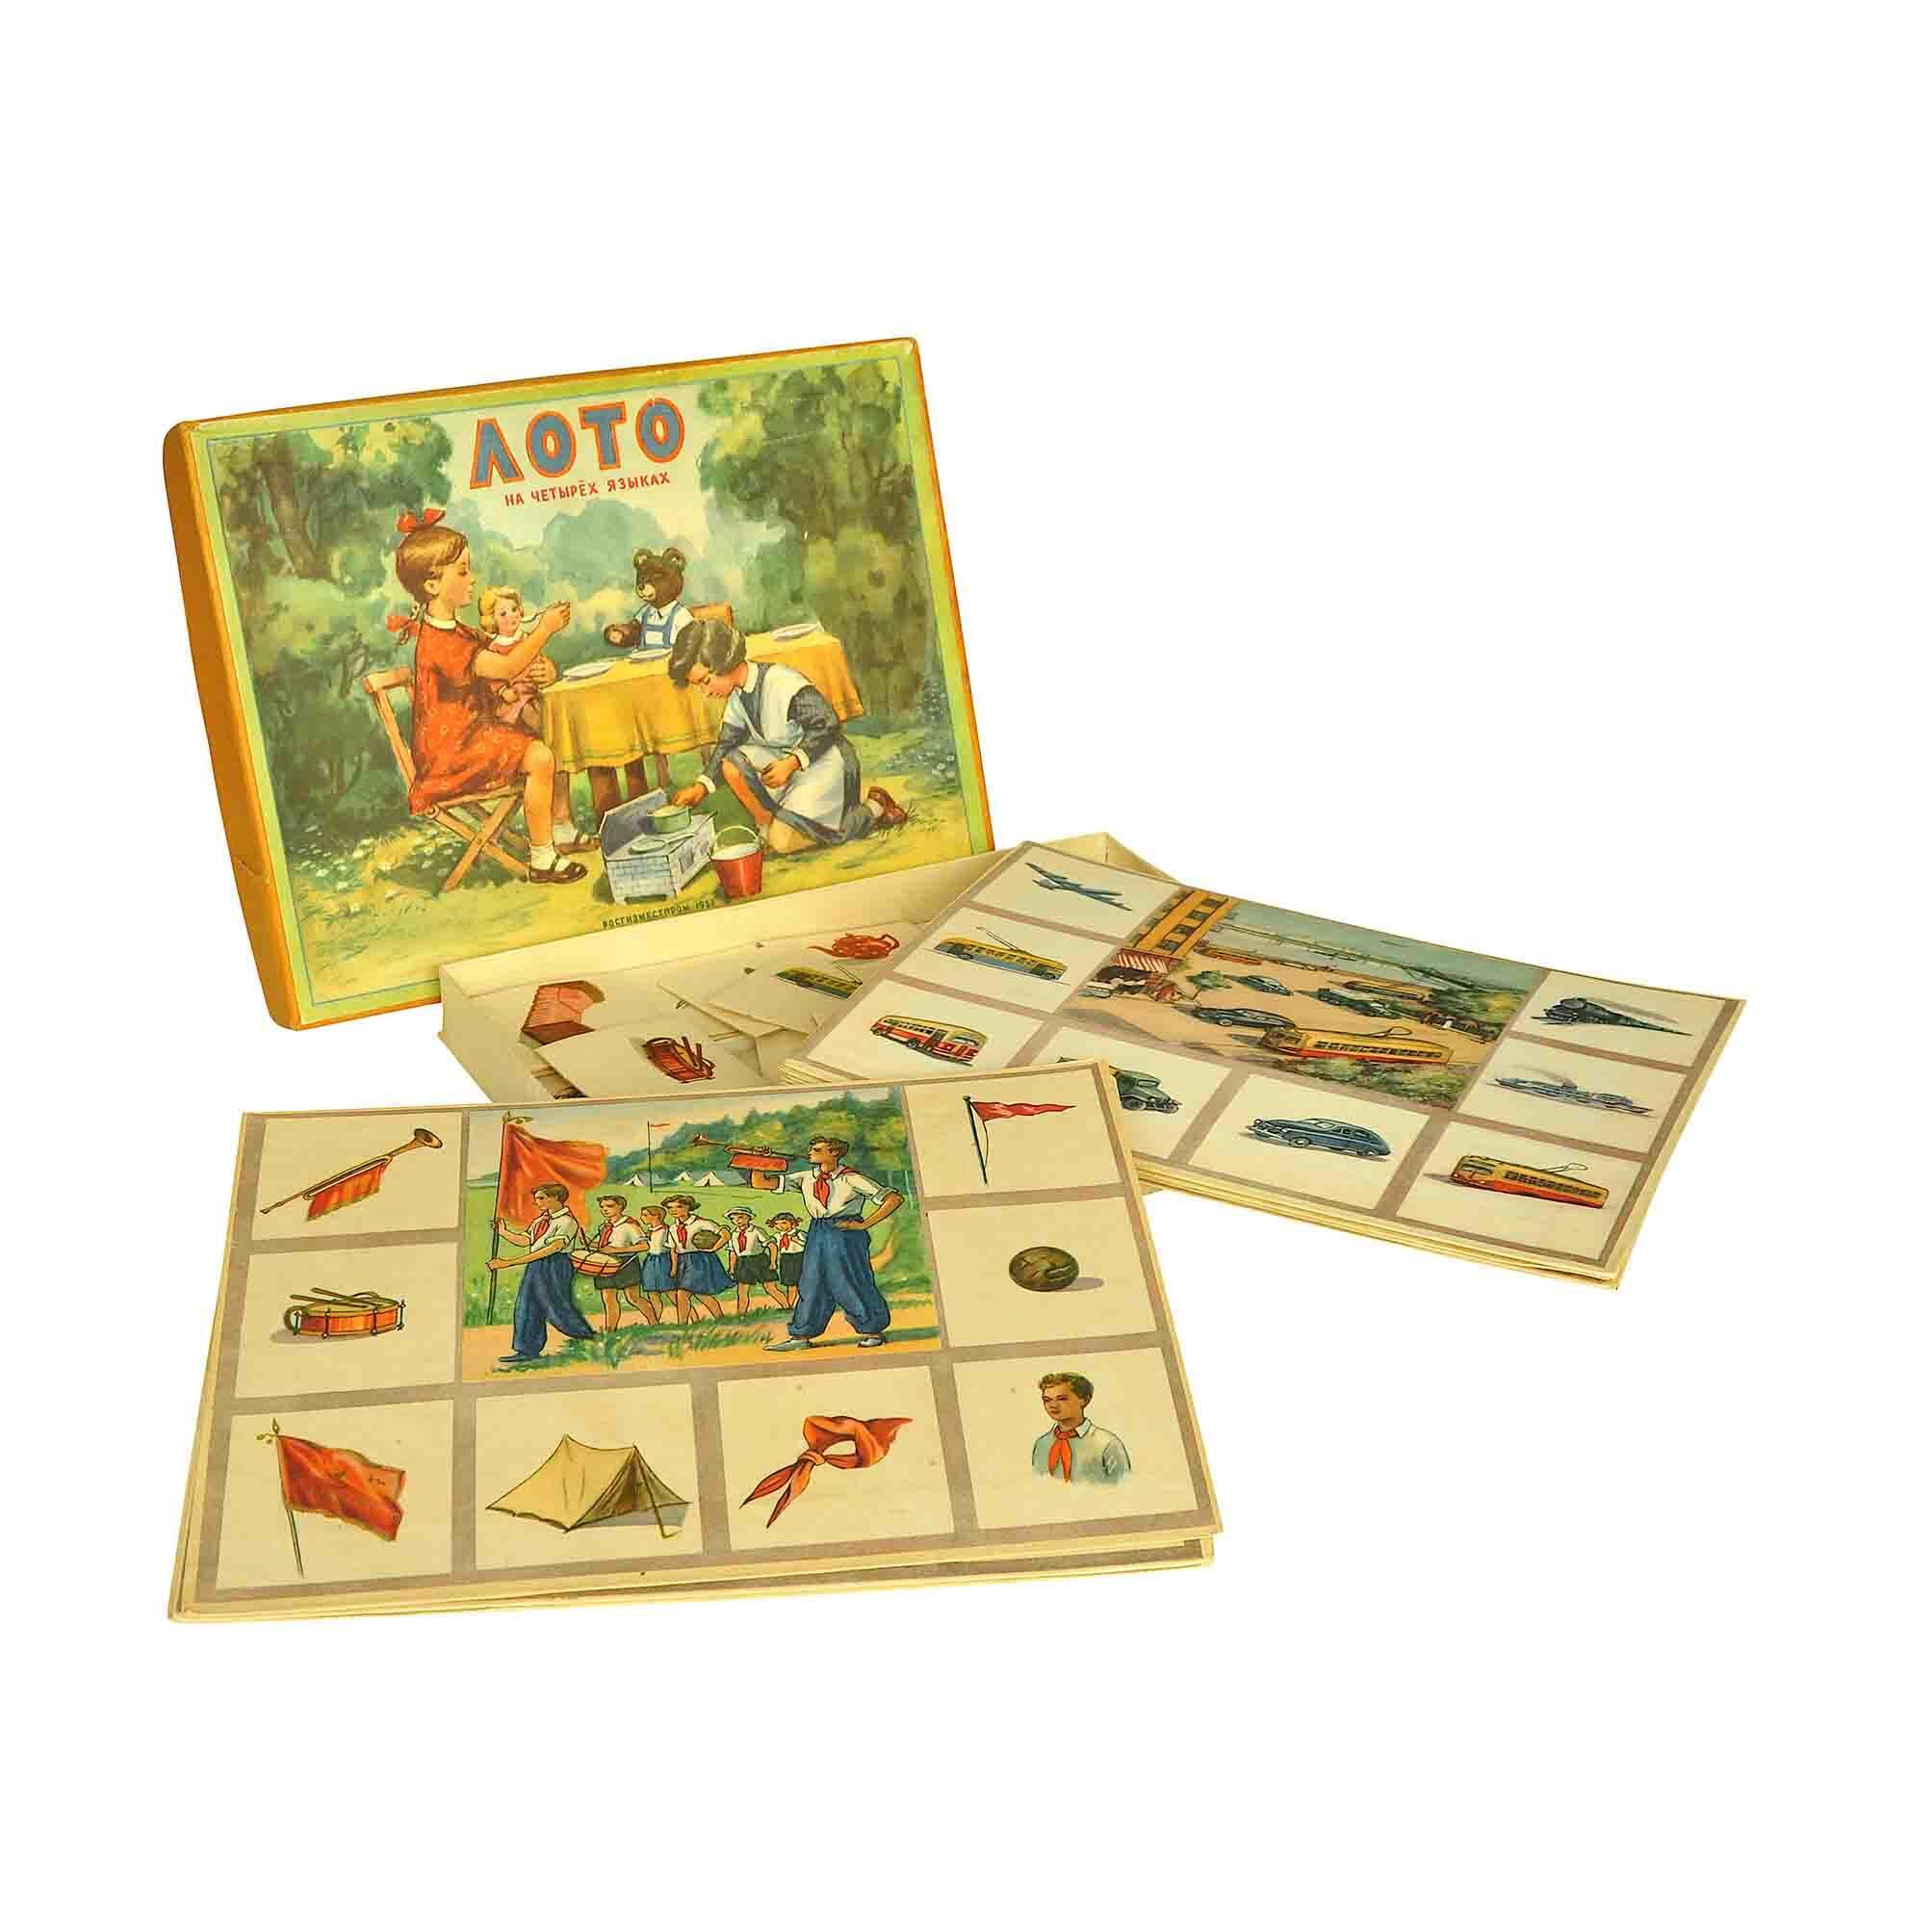 5638 Sowjet Lotto Sprachen Kinder Spiel 1957 Schachtel Tafel offen frei N